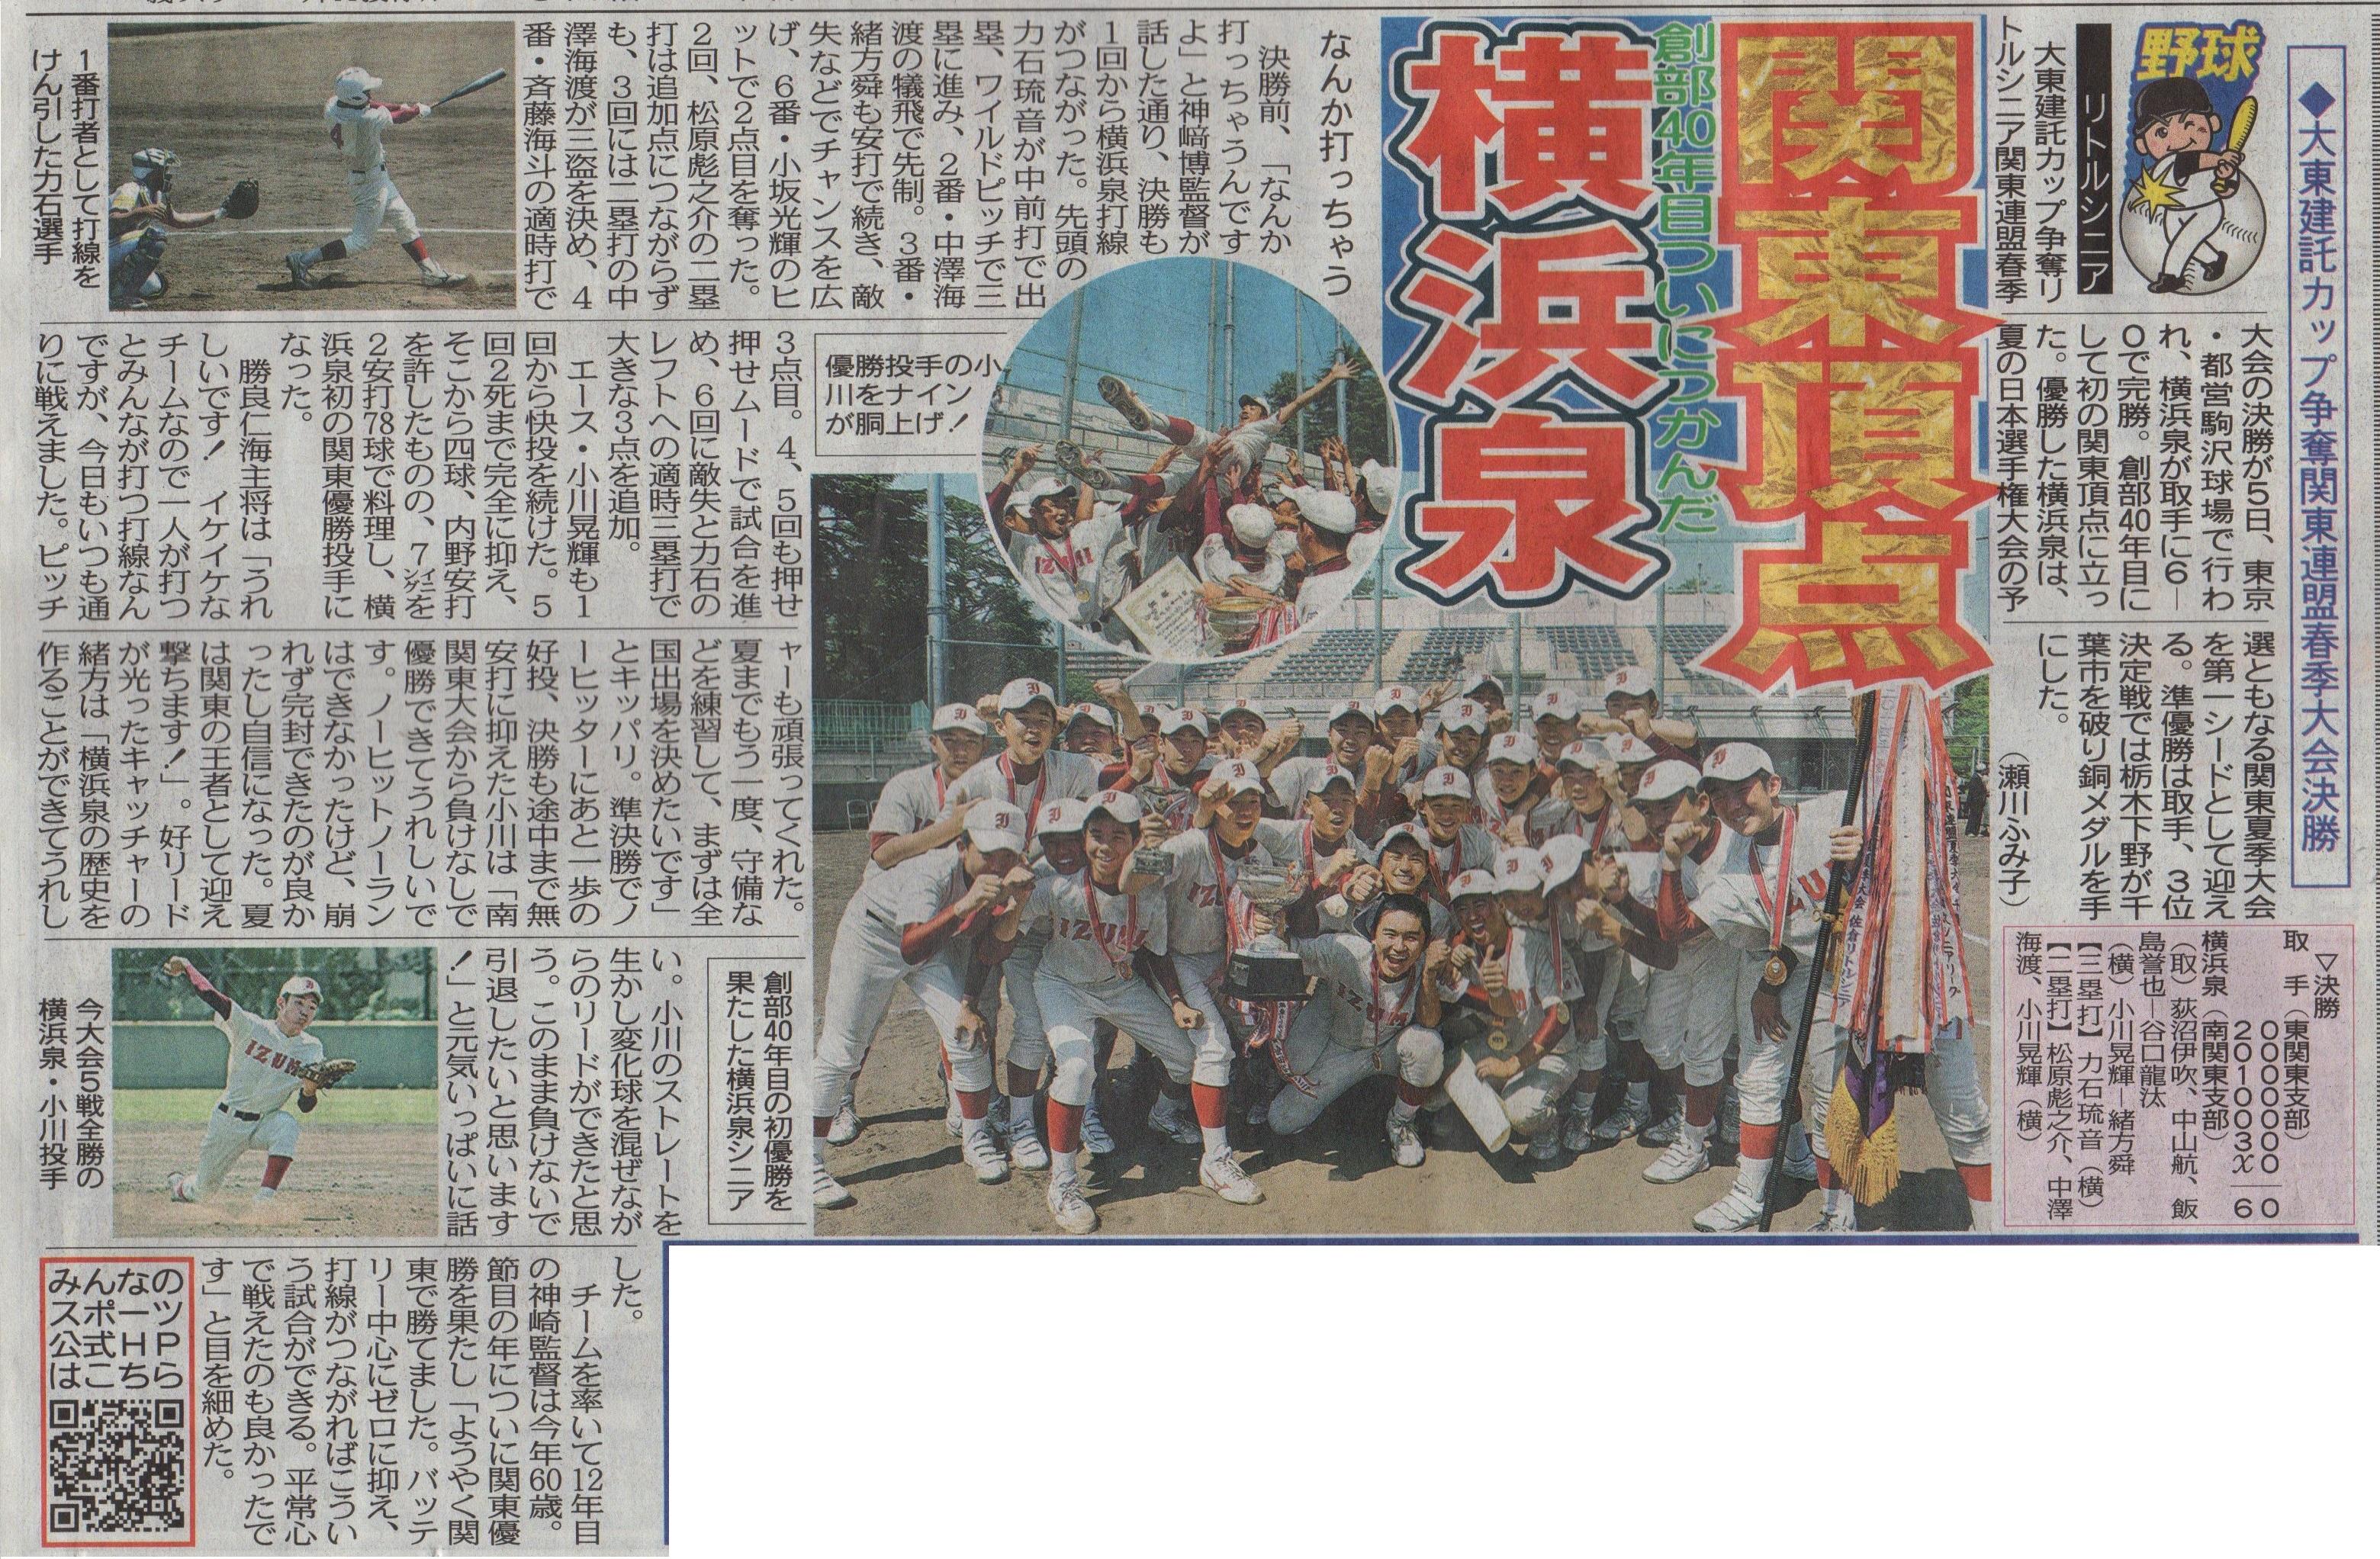 20160511関東連盟春季大会優勝東京中日スポーツ(泉シニア)